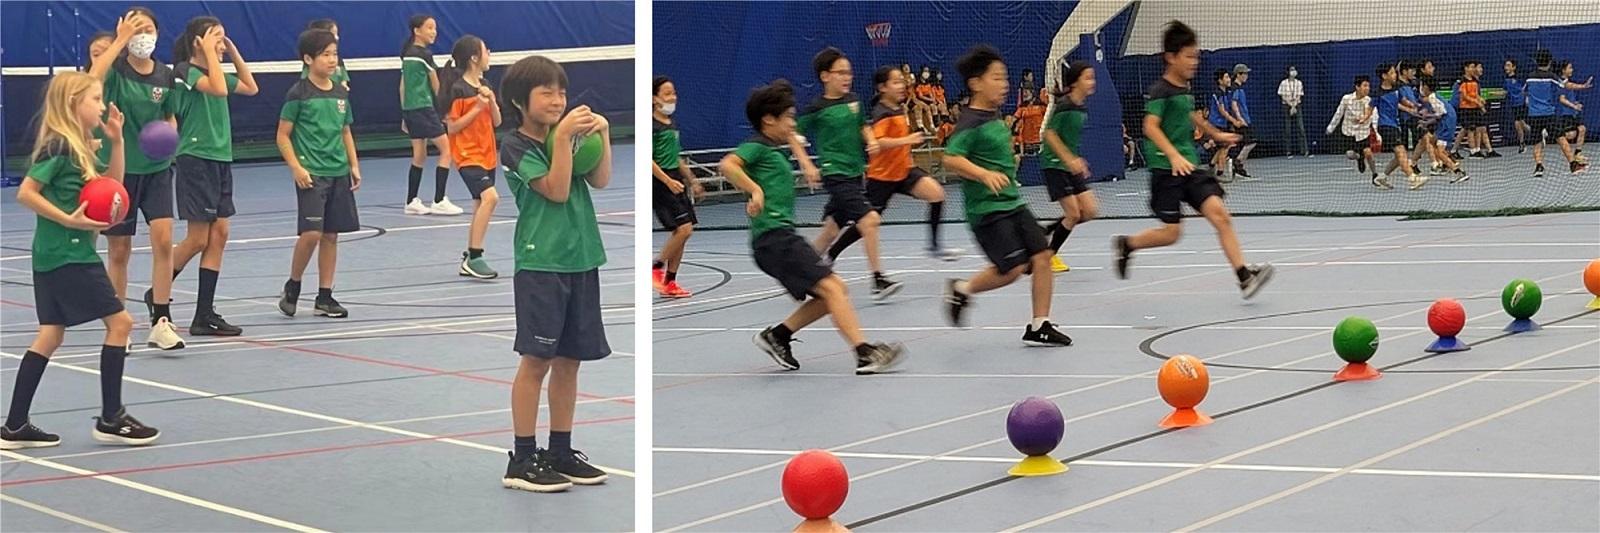 js4-color-war-dodgeball